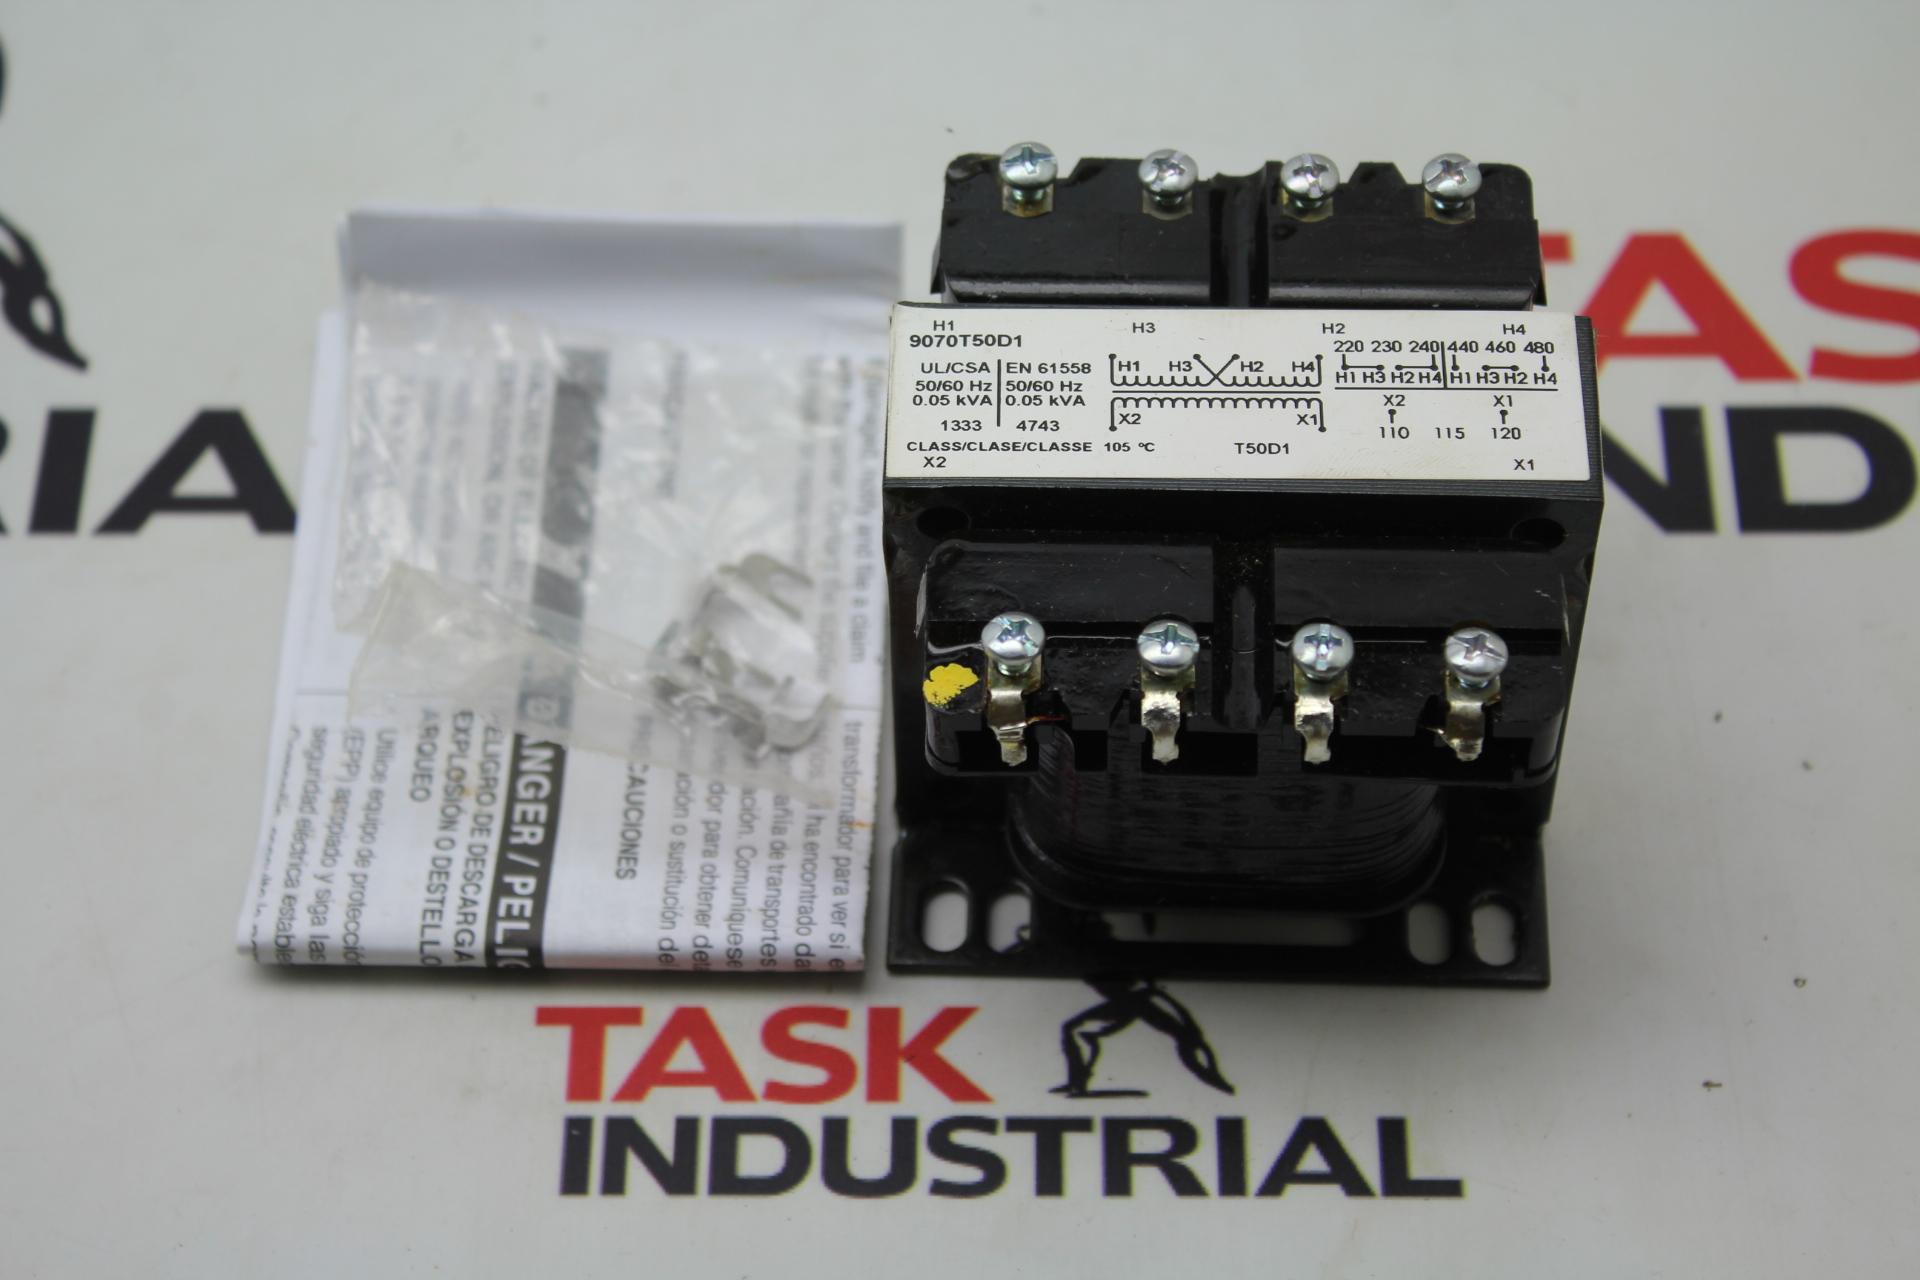 Square D Control Transformer 240/480V 9070T50D1